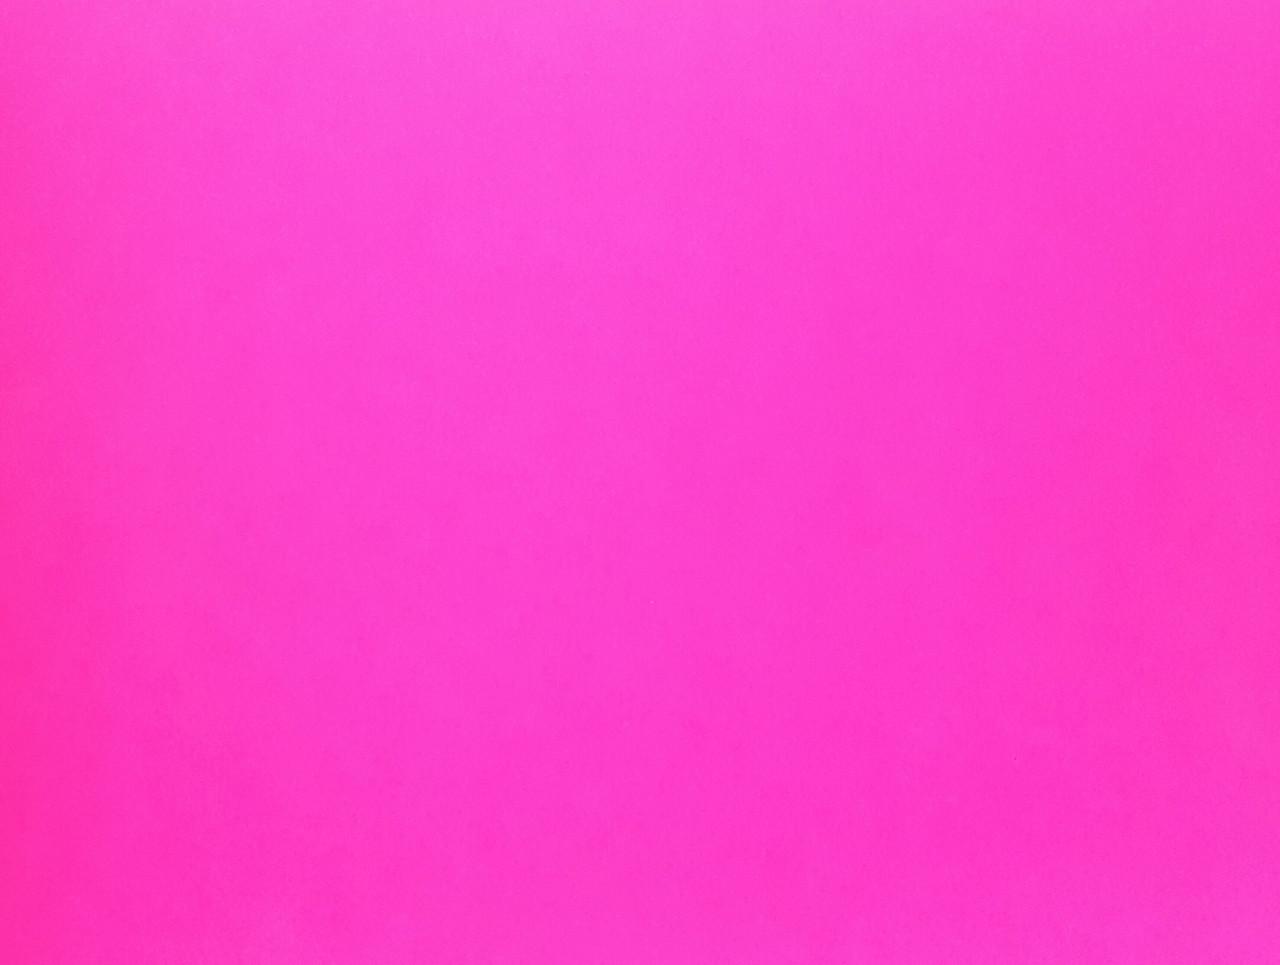 Картон Розовый Неоновый 200 гр/м2 20x30 см А4 1 шт, фото 1